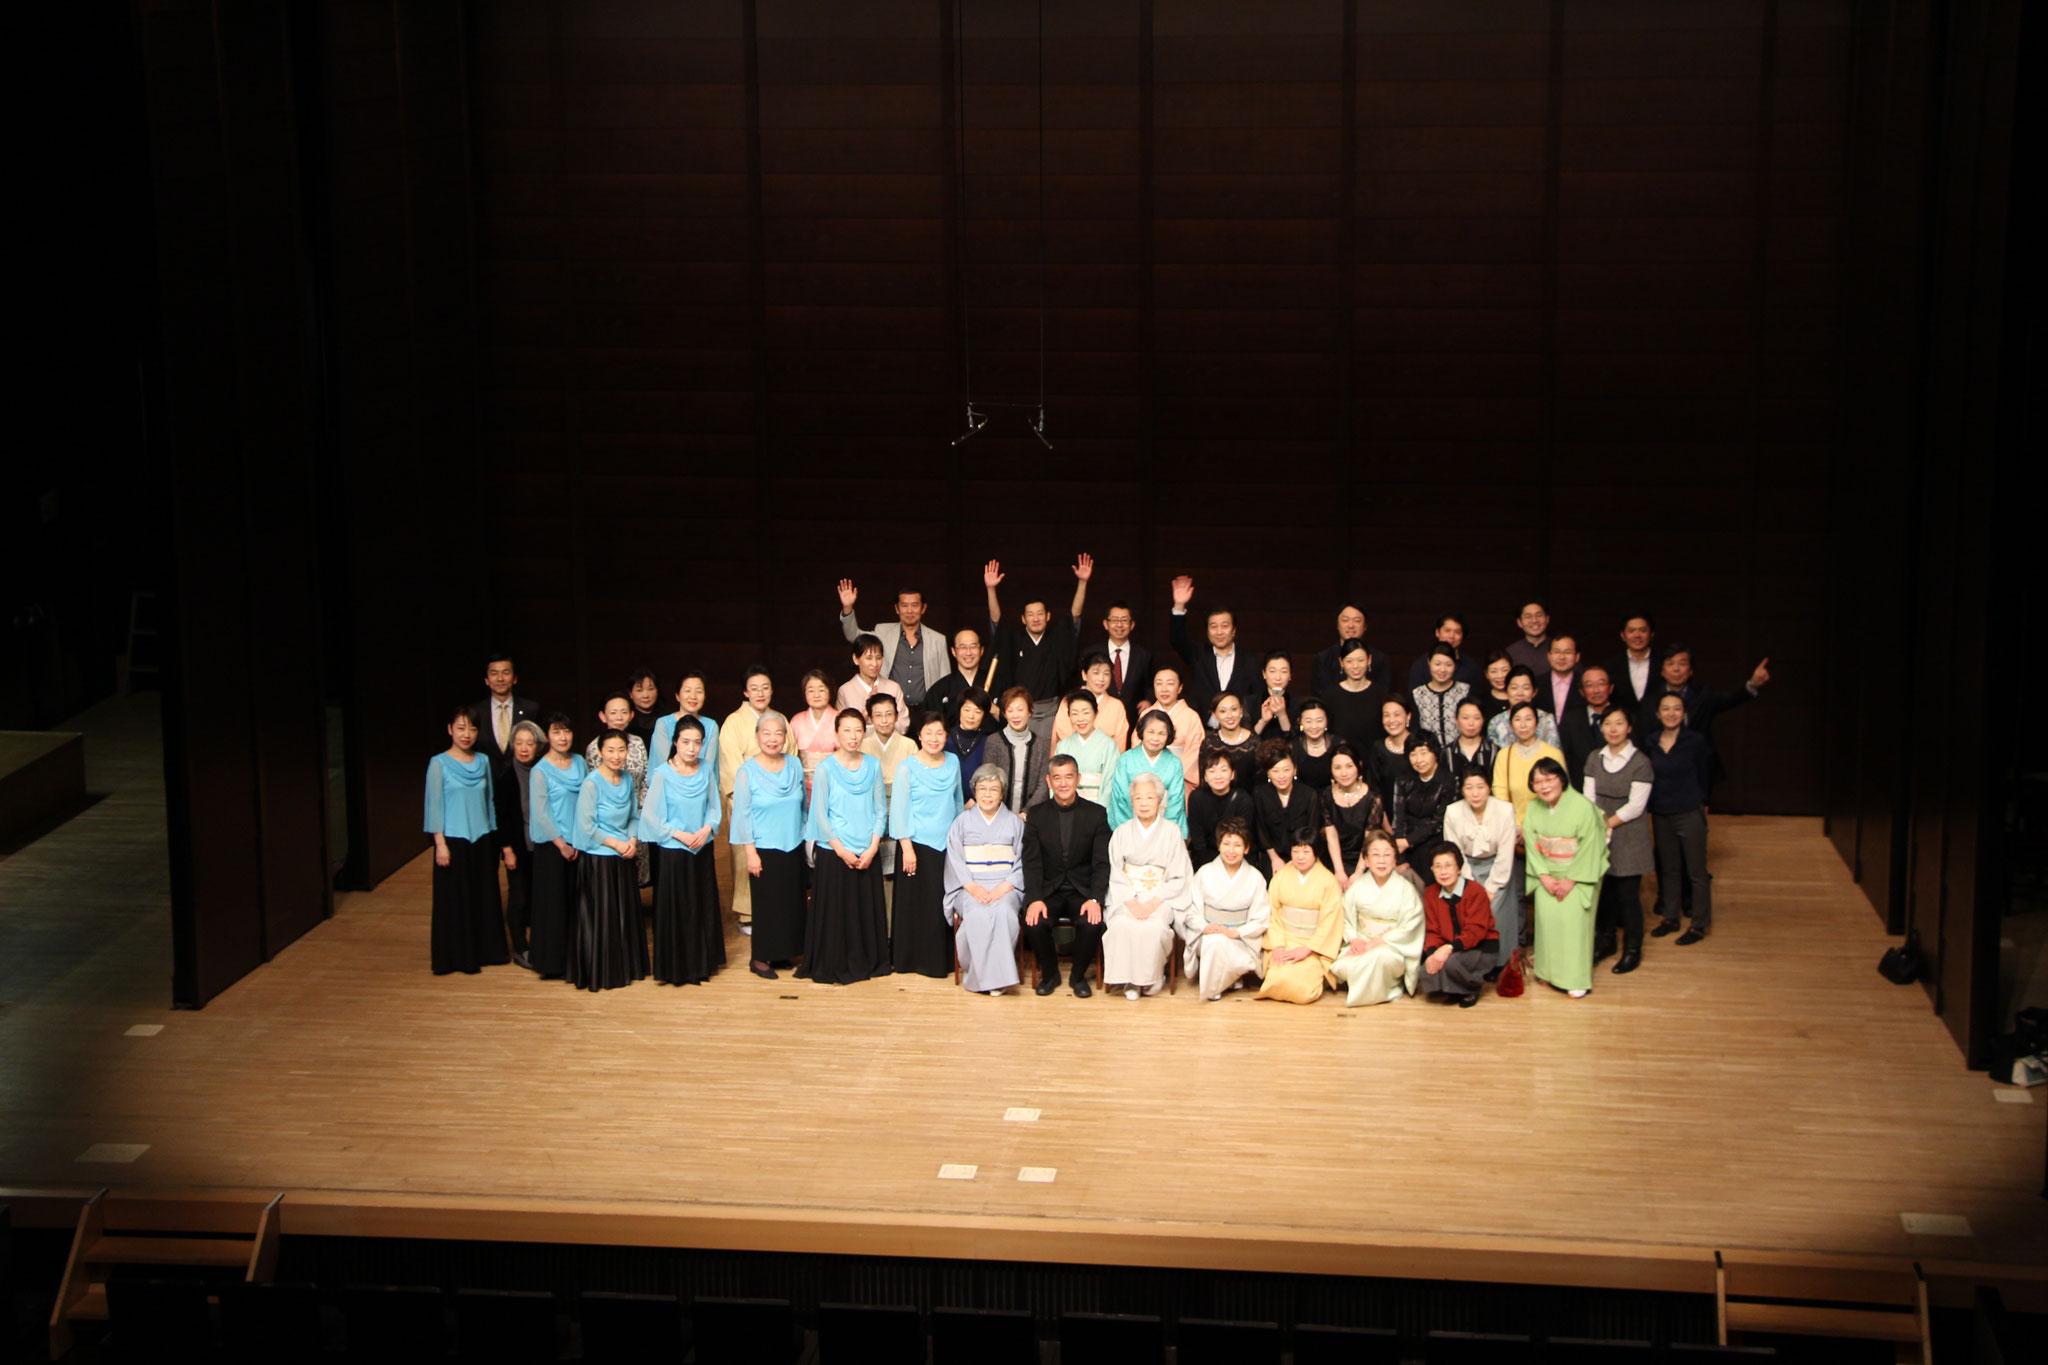 2017年3月7日 現代邦楽「響」 於:渋谷区大和田伝承ホール